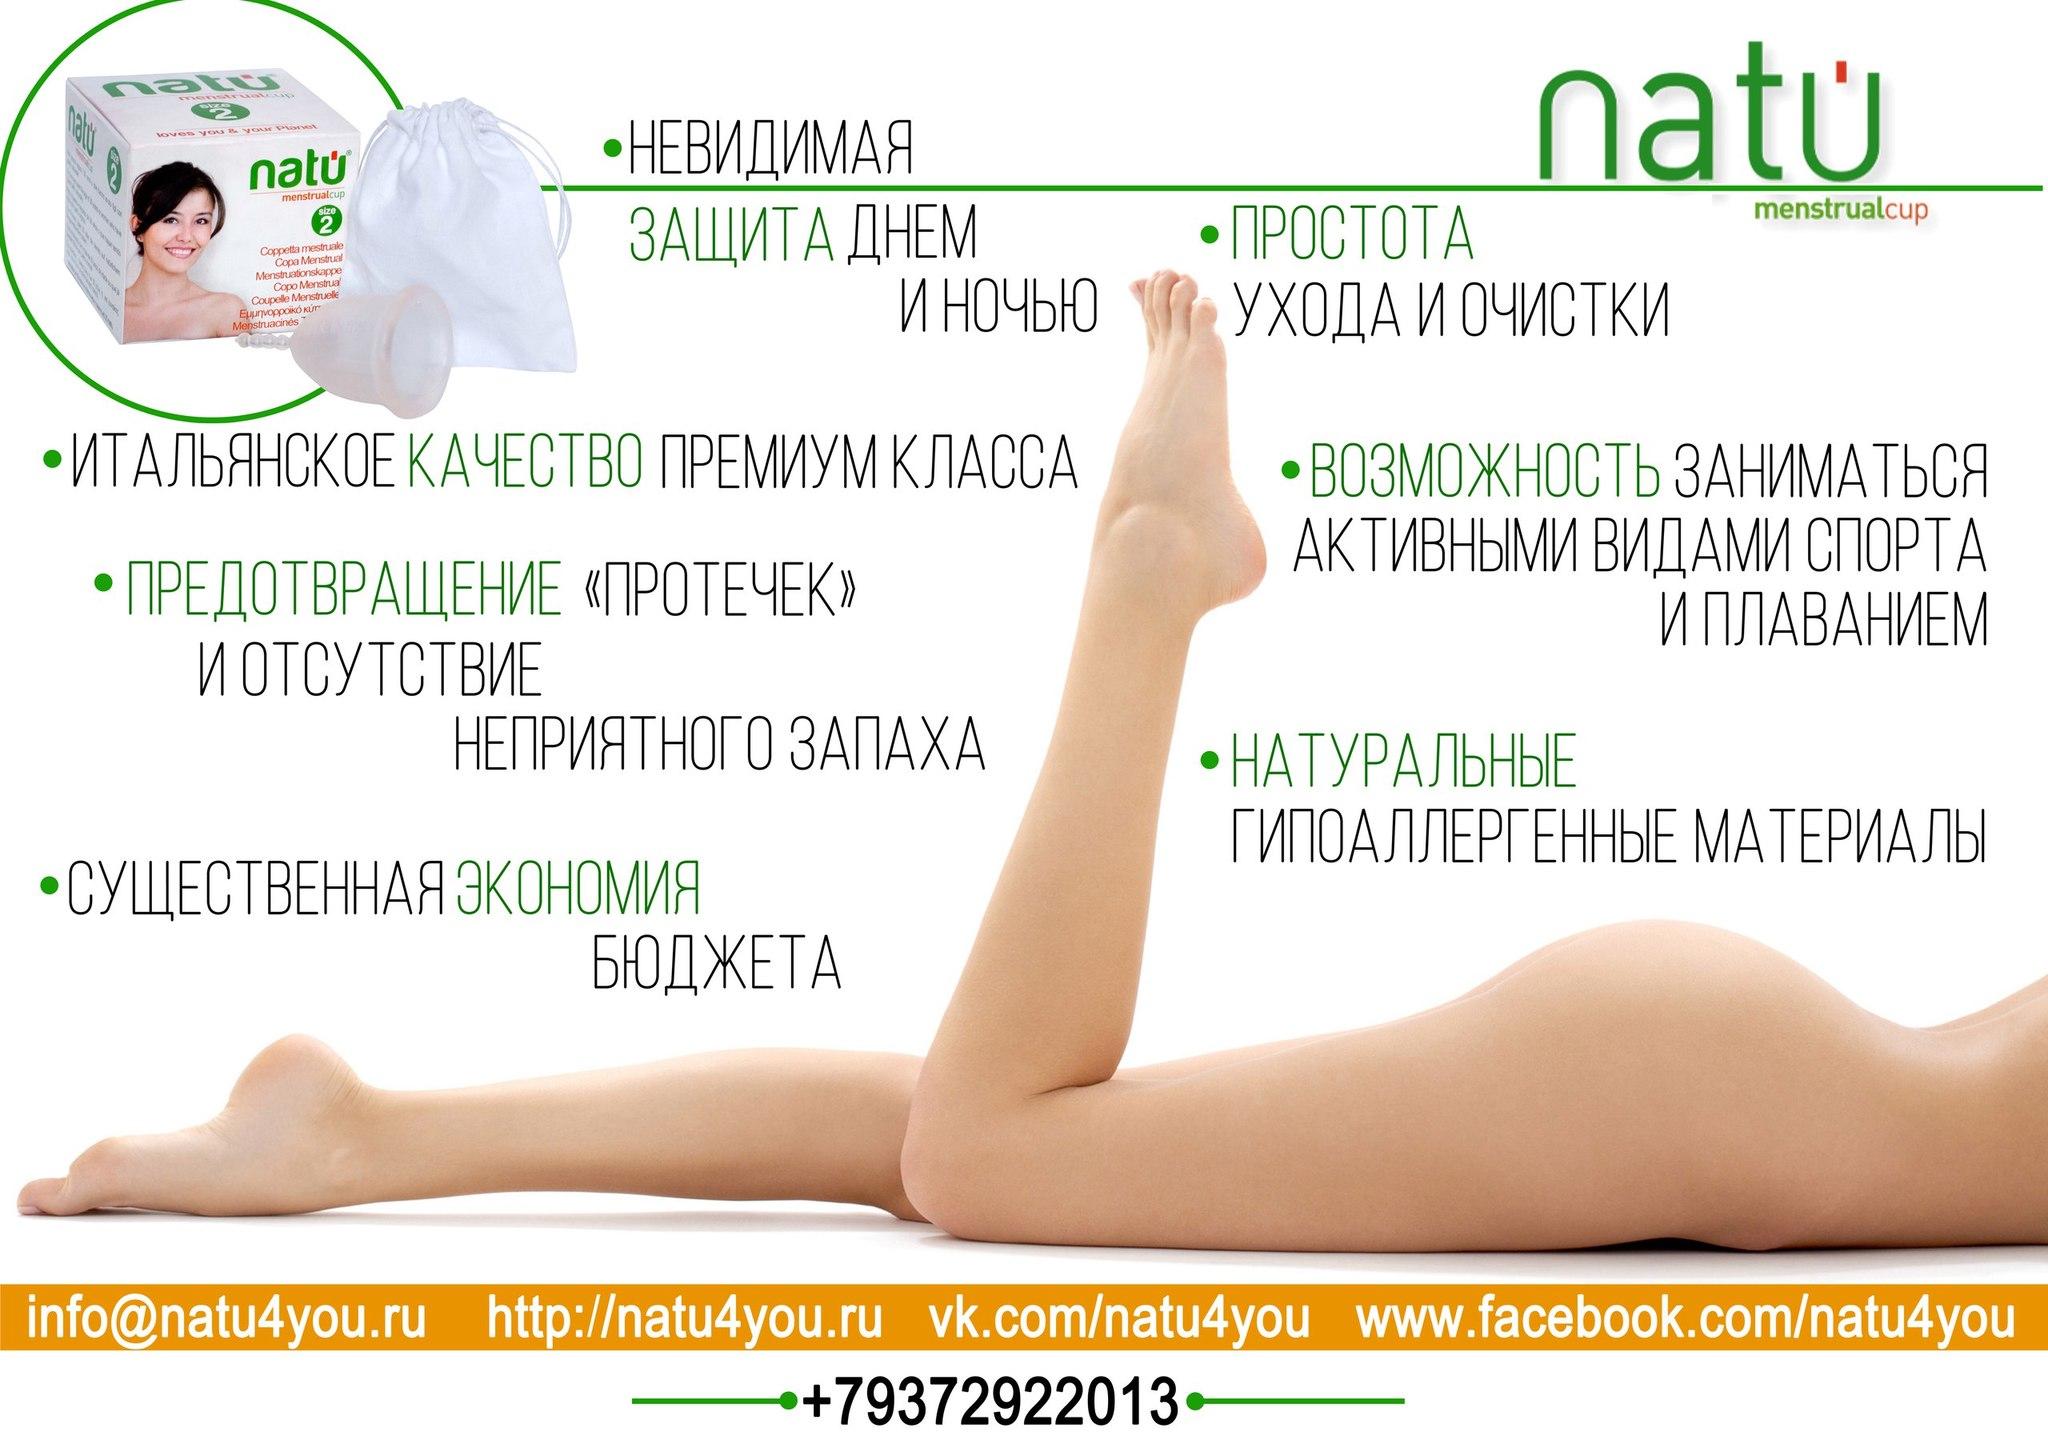 менструальная чаша NATU 2 размер